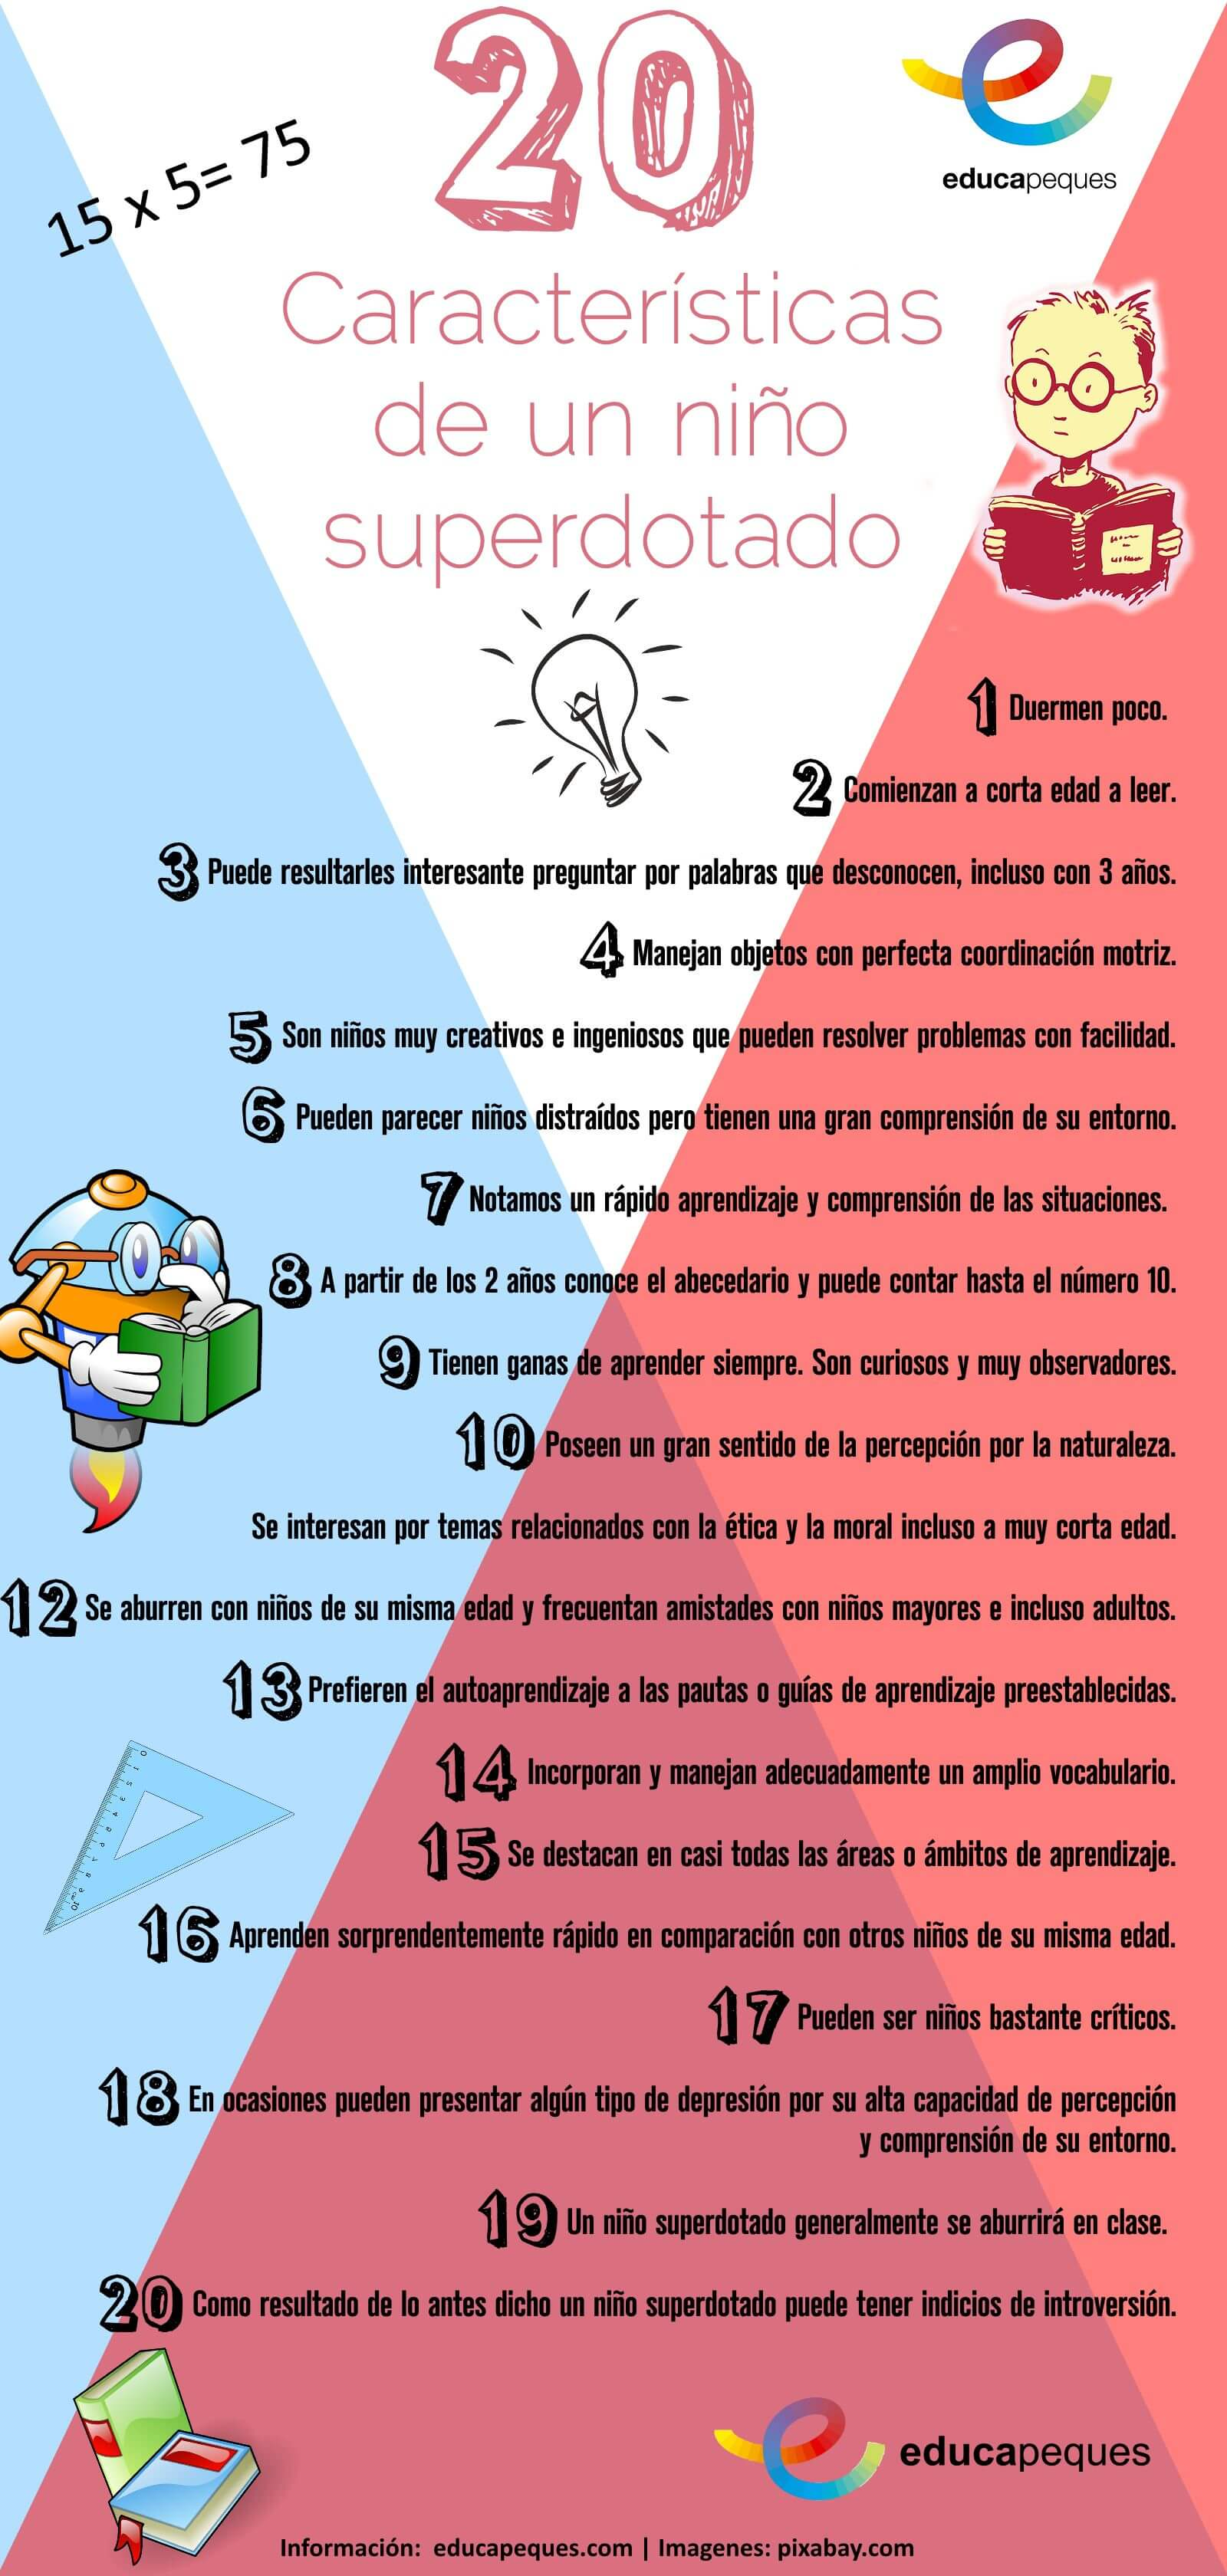 Infografia 20 caracteristicas nino superdotado